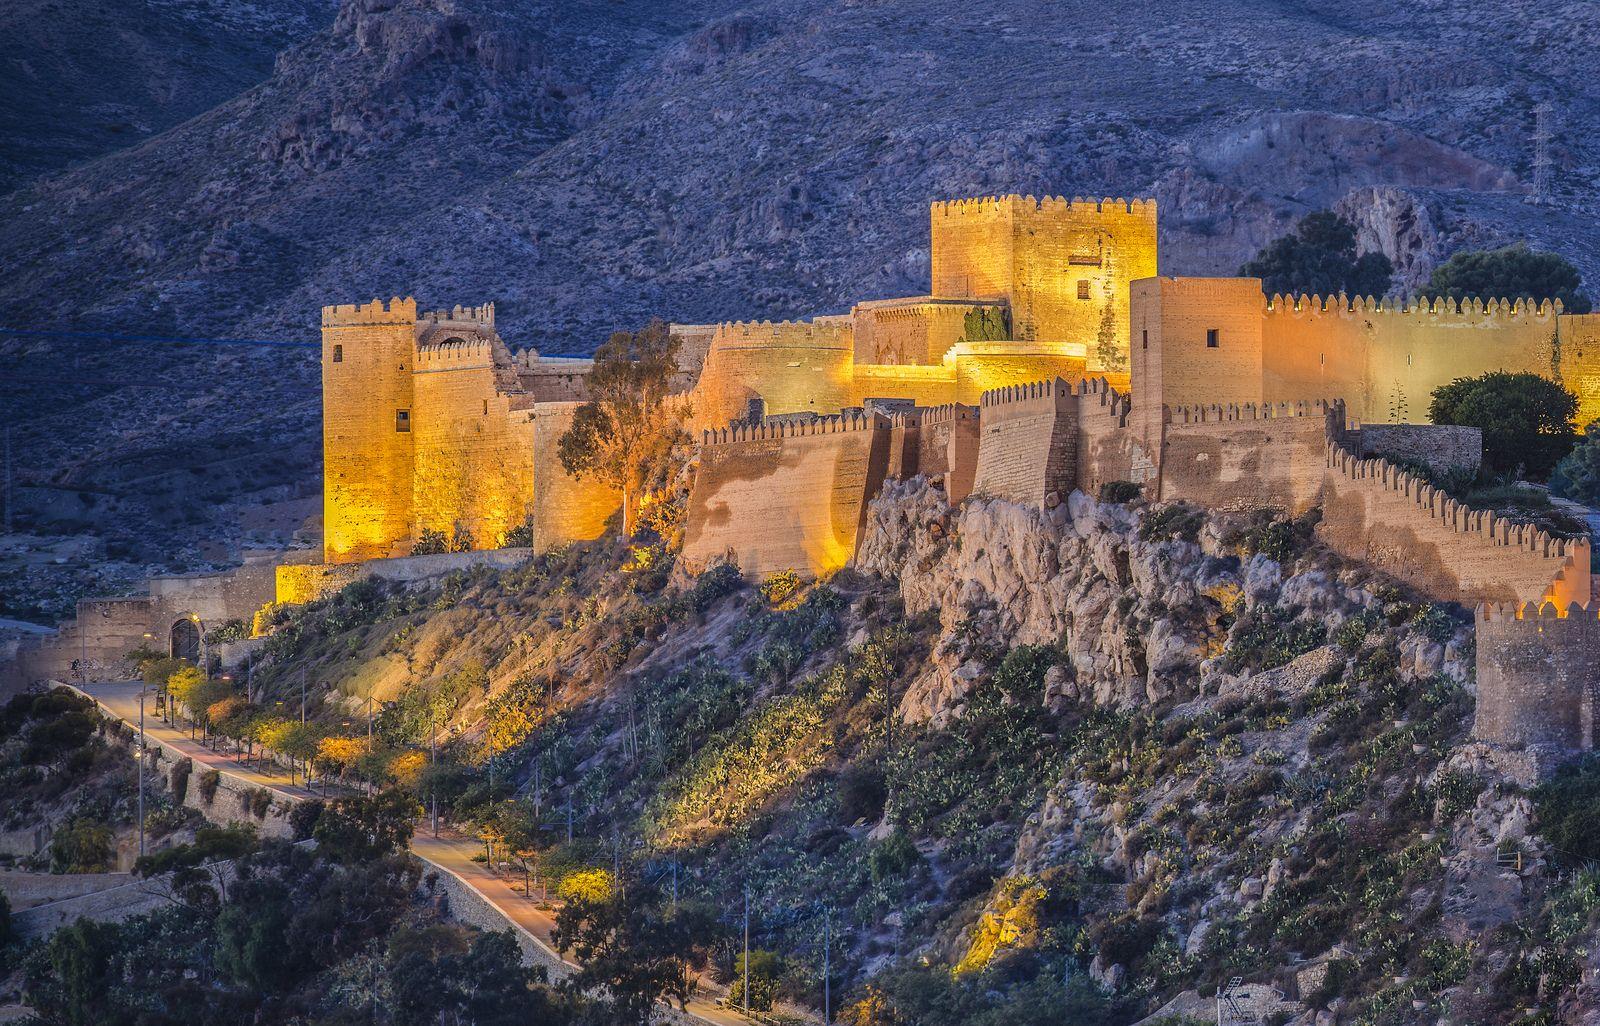 Visita virtual a la Alcazaba de Almería | Agenda Cultural de Andalucía